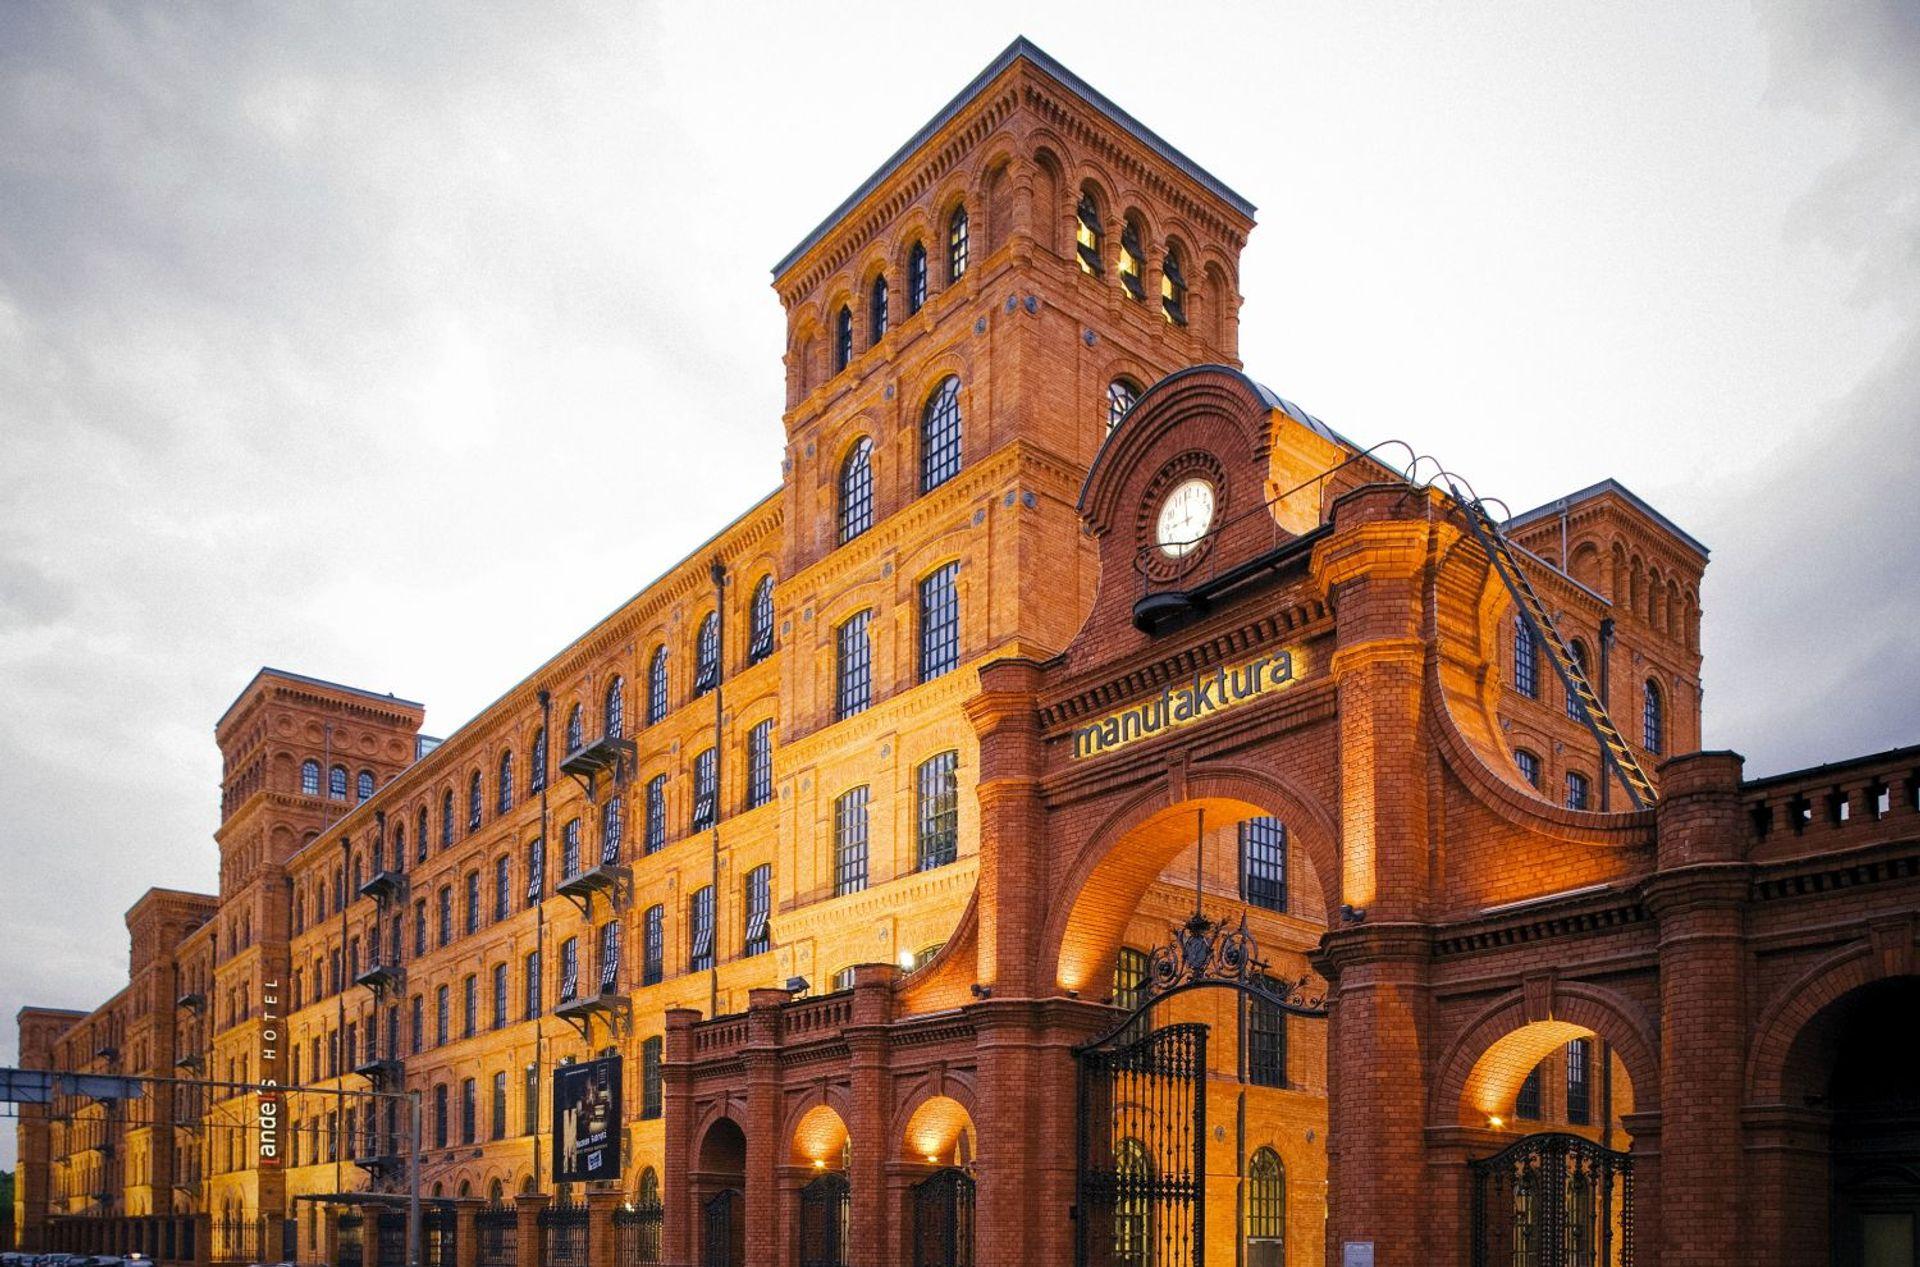 [Łódź] Andel's Hotel Łódź otrzymał nagrodę Property Design Awards